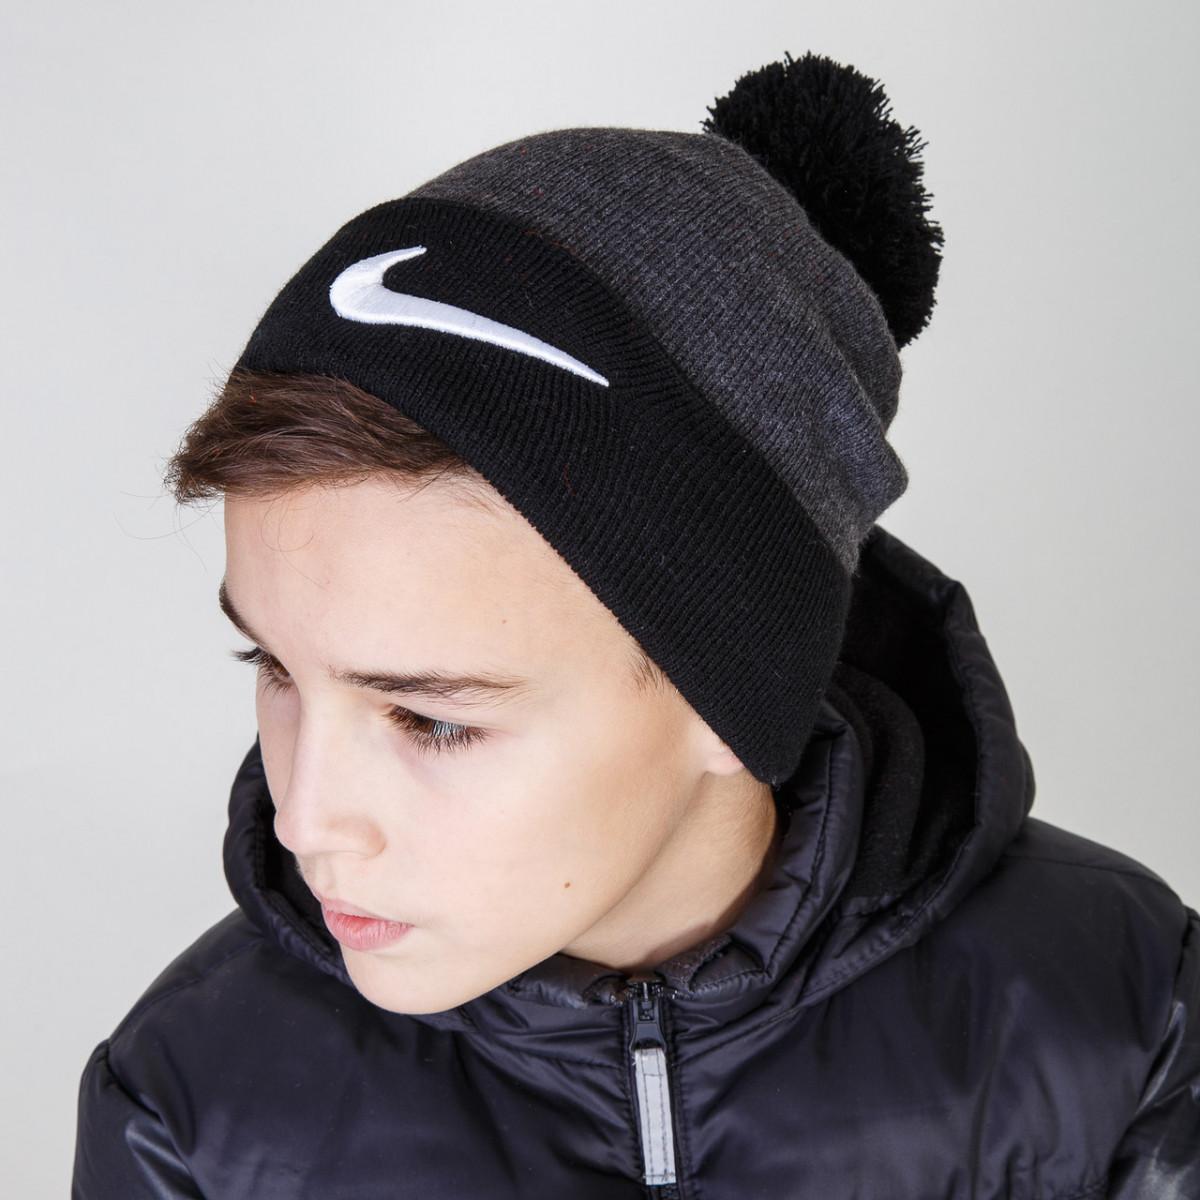 Стильная шапка с помпоном на зиму для мальчика фирмы Nike (реплика) оптом - Артикул 2921